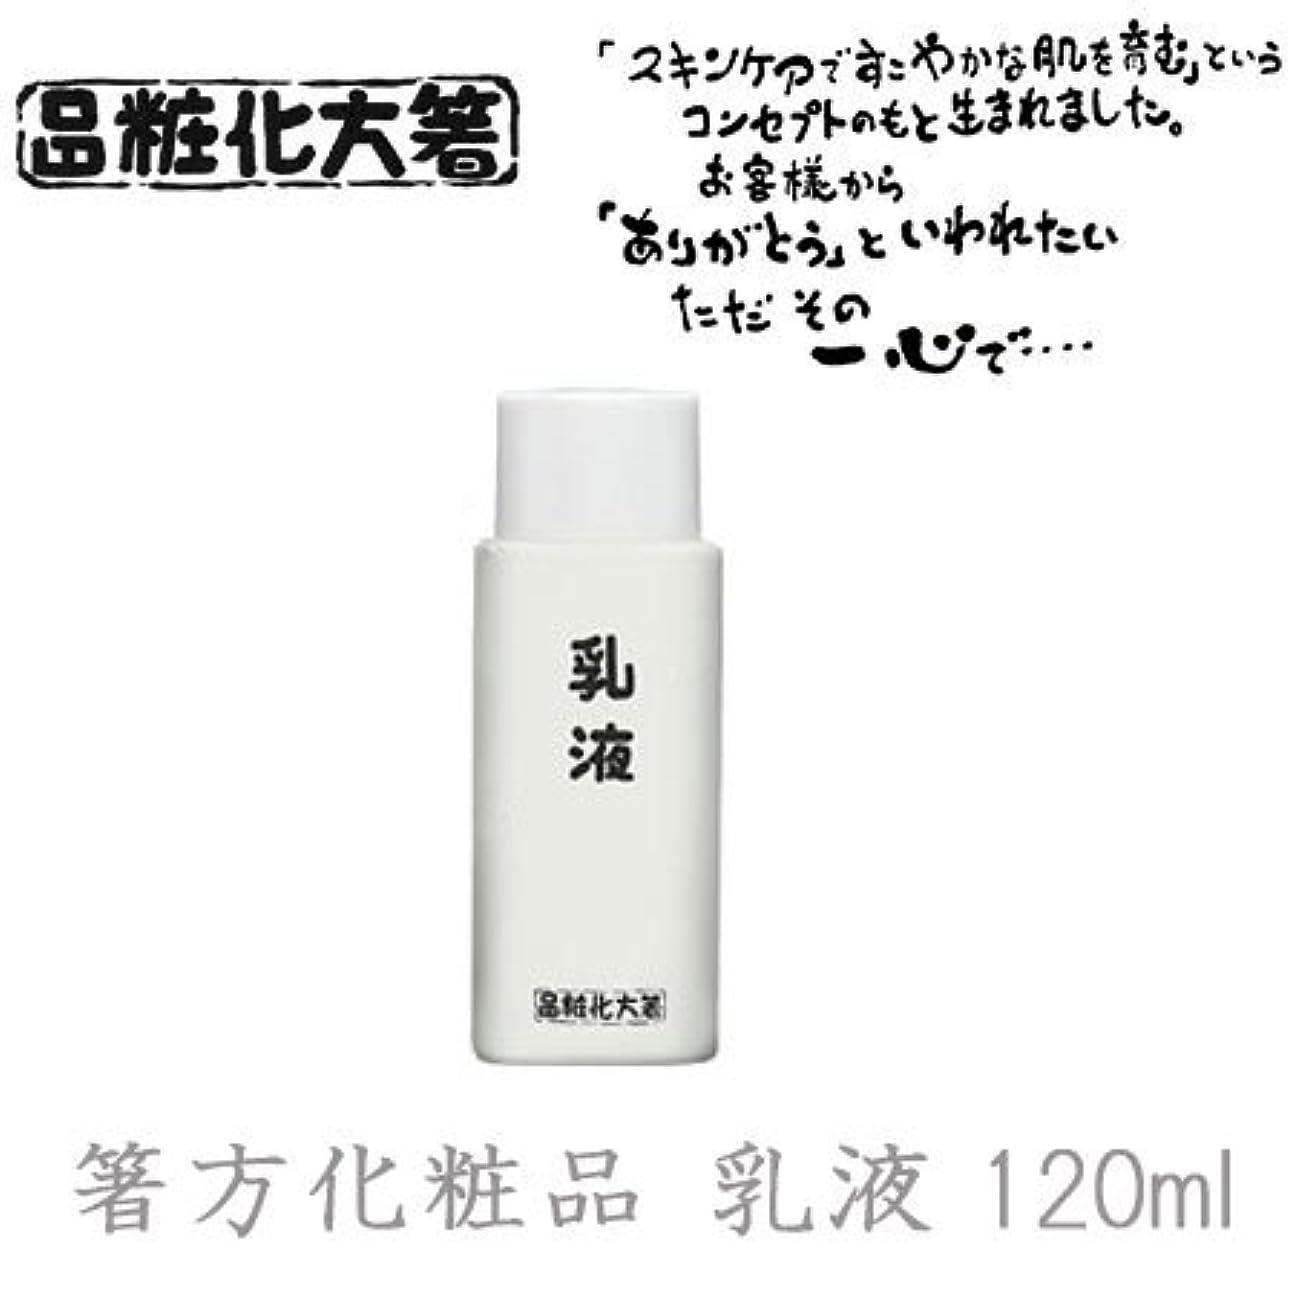 ペースト重さブレーク箸方化粧品 乳液 120ml はしかた化粧品